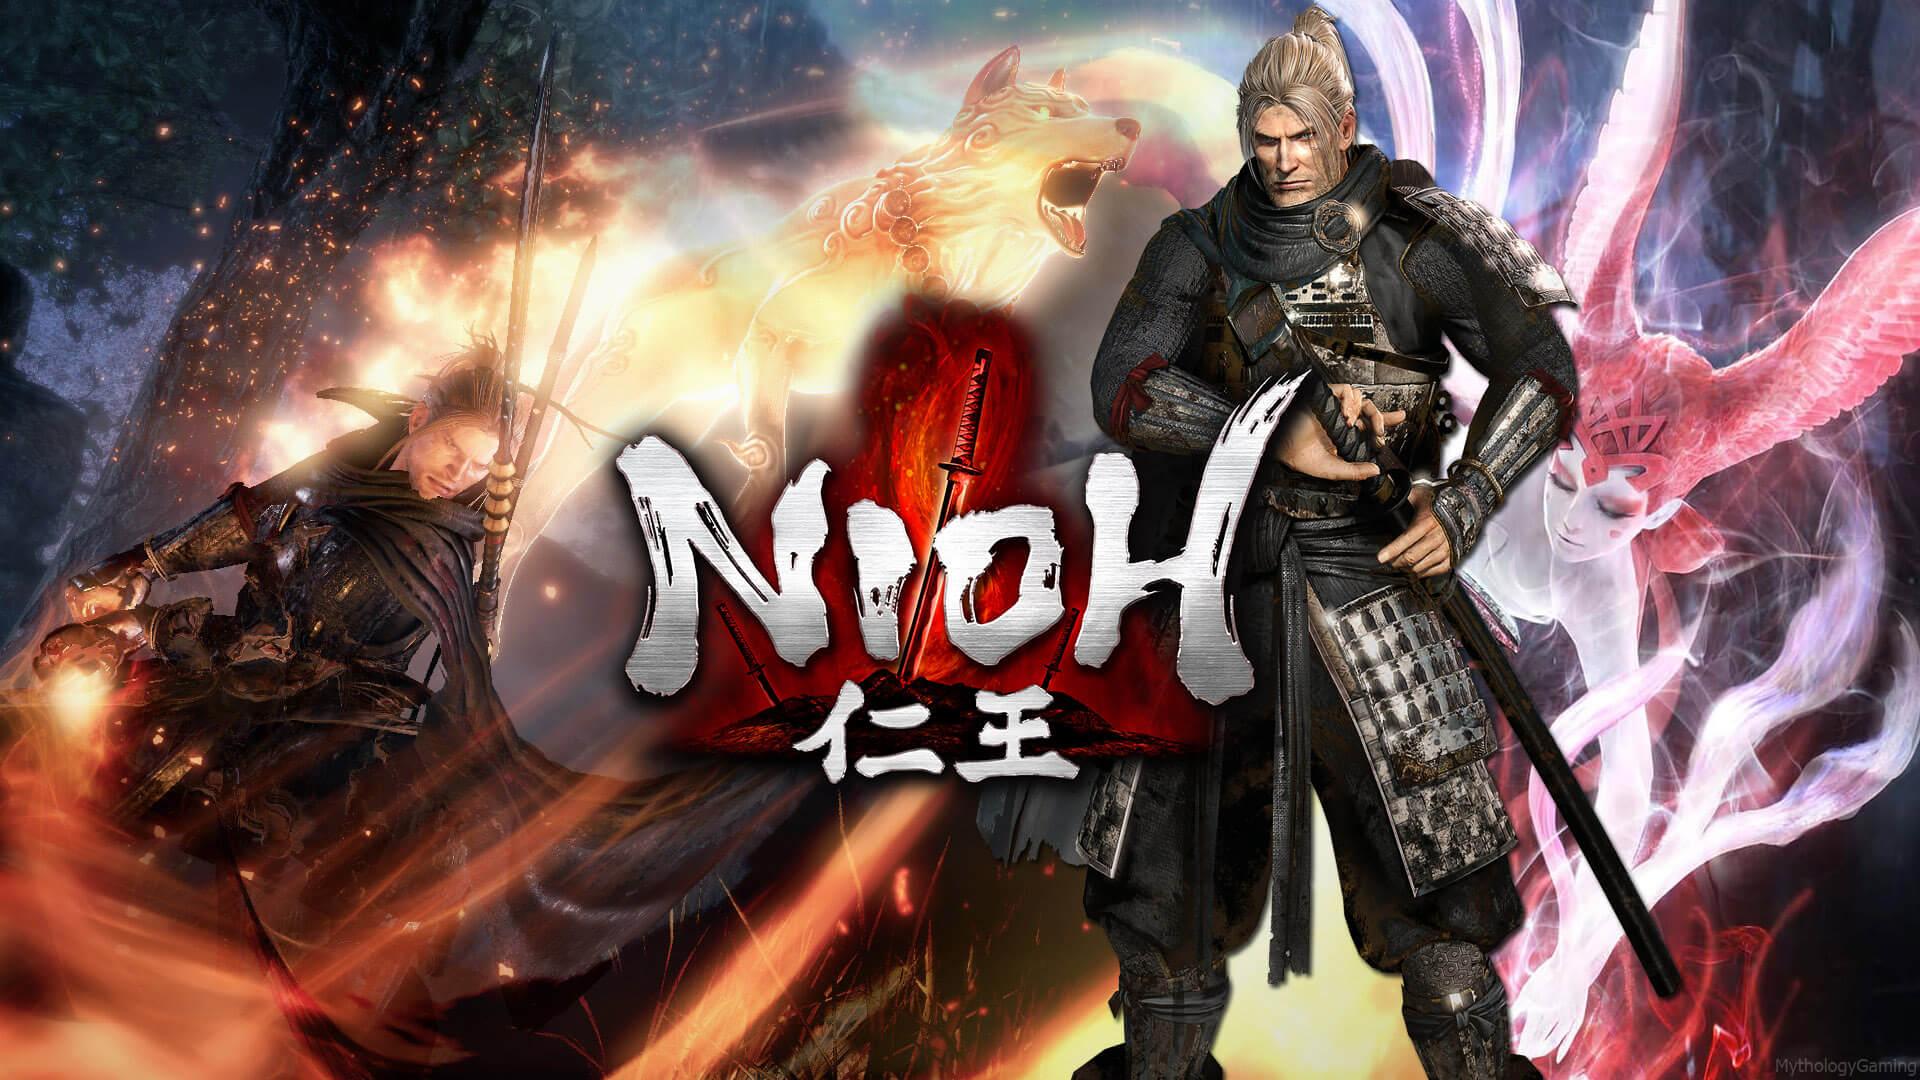 Nioh: Complete Edition системные требования на ПК